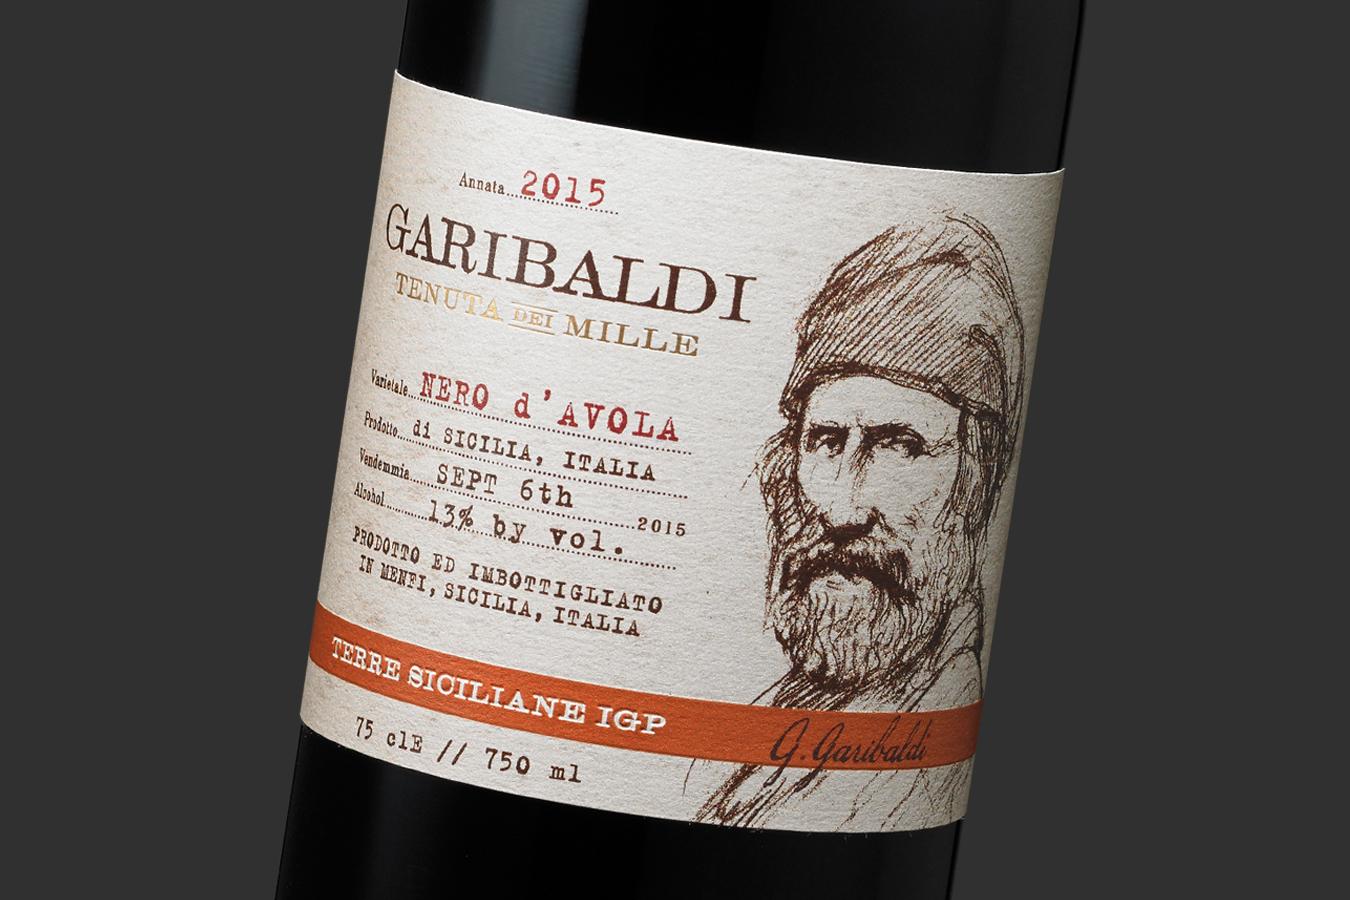 Tenuta Dei Mille Garibaldi Closeup.jpg